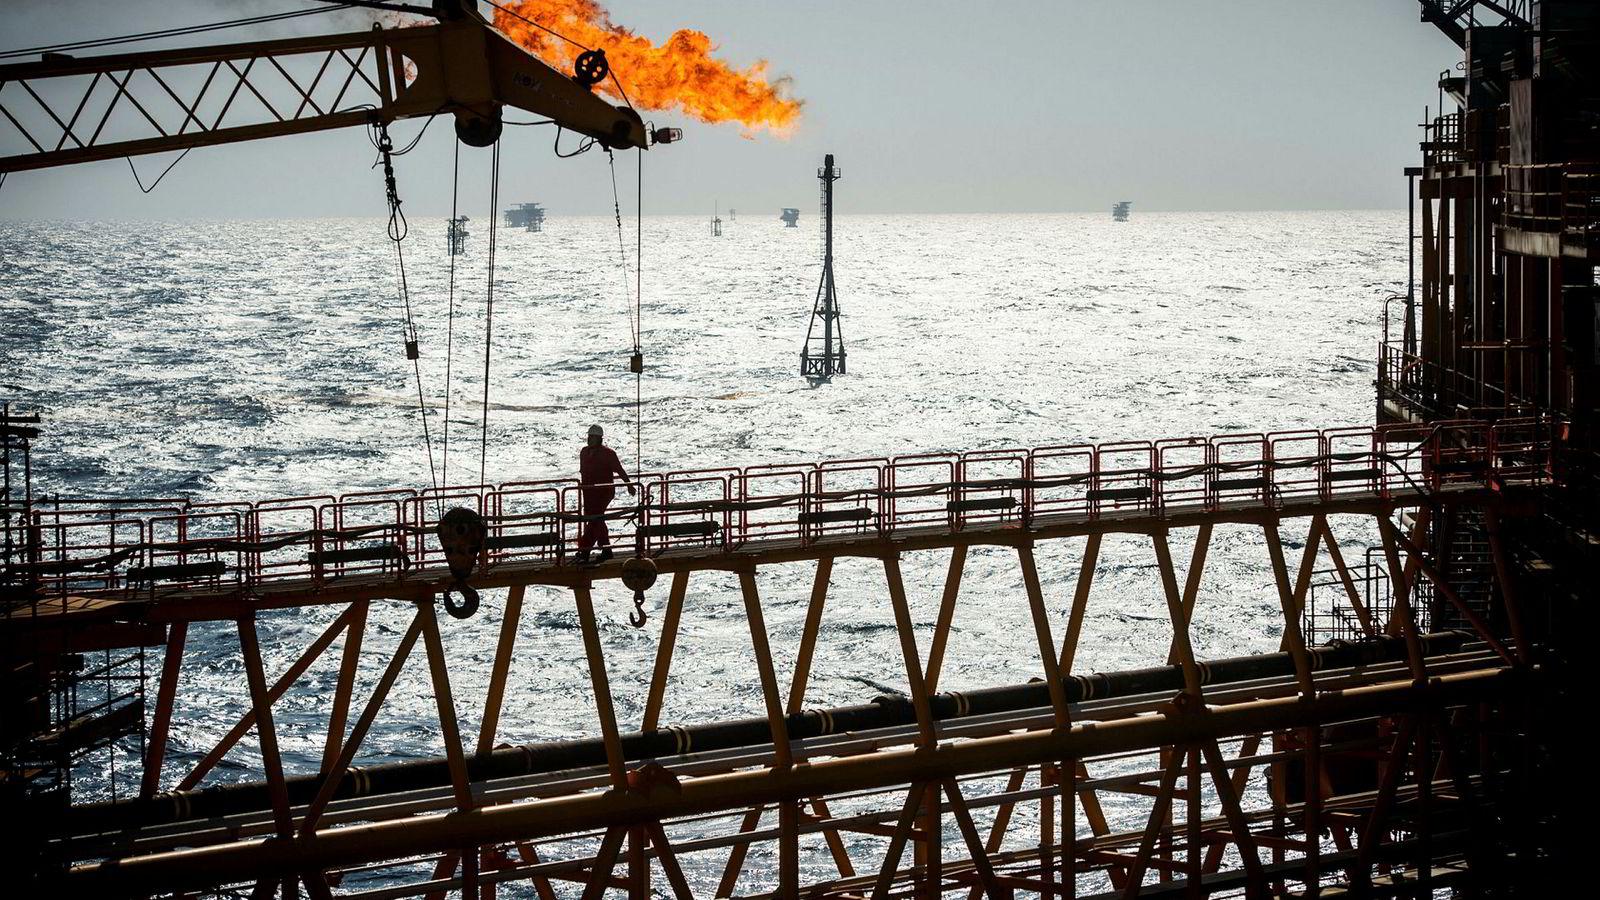 En gassflamme brenner på Salman-feltet i Persiabukten, driftet av det statlige iranske oljeselskapet NIOOC. Amerikanske sanksjoner har så godt som stanset all eksport av iransk olje.